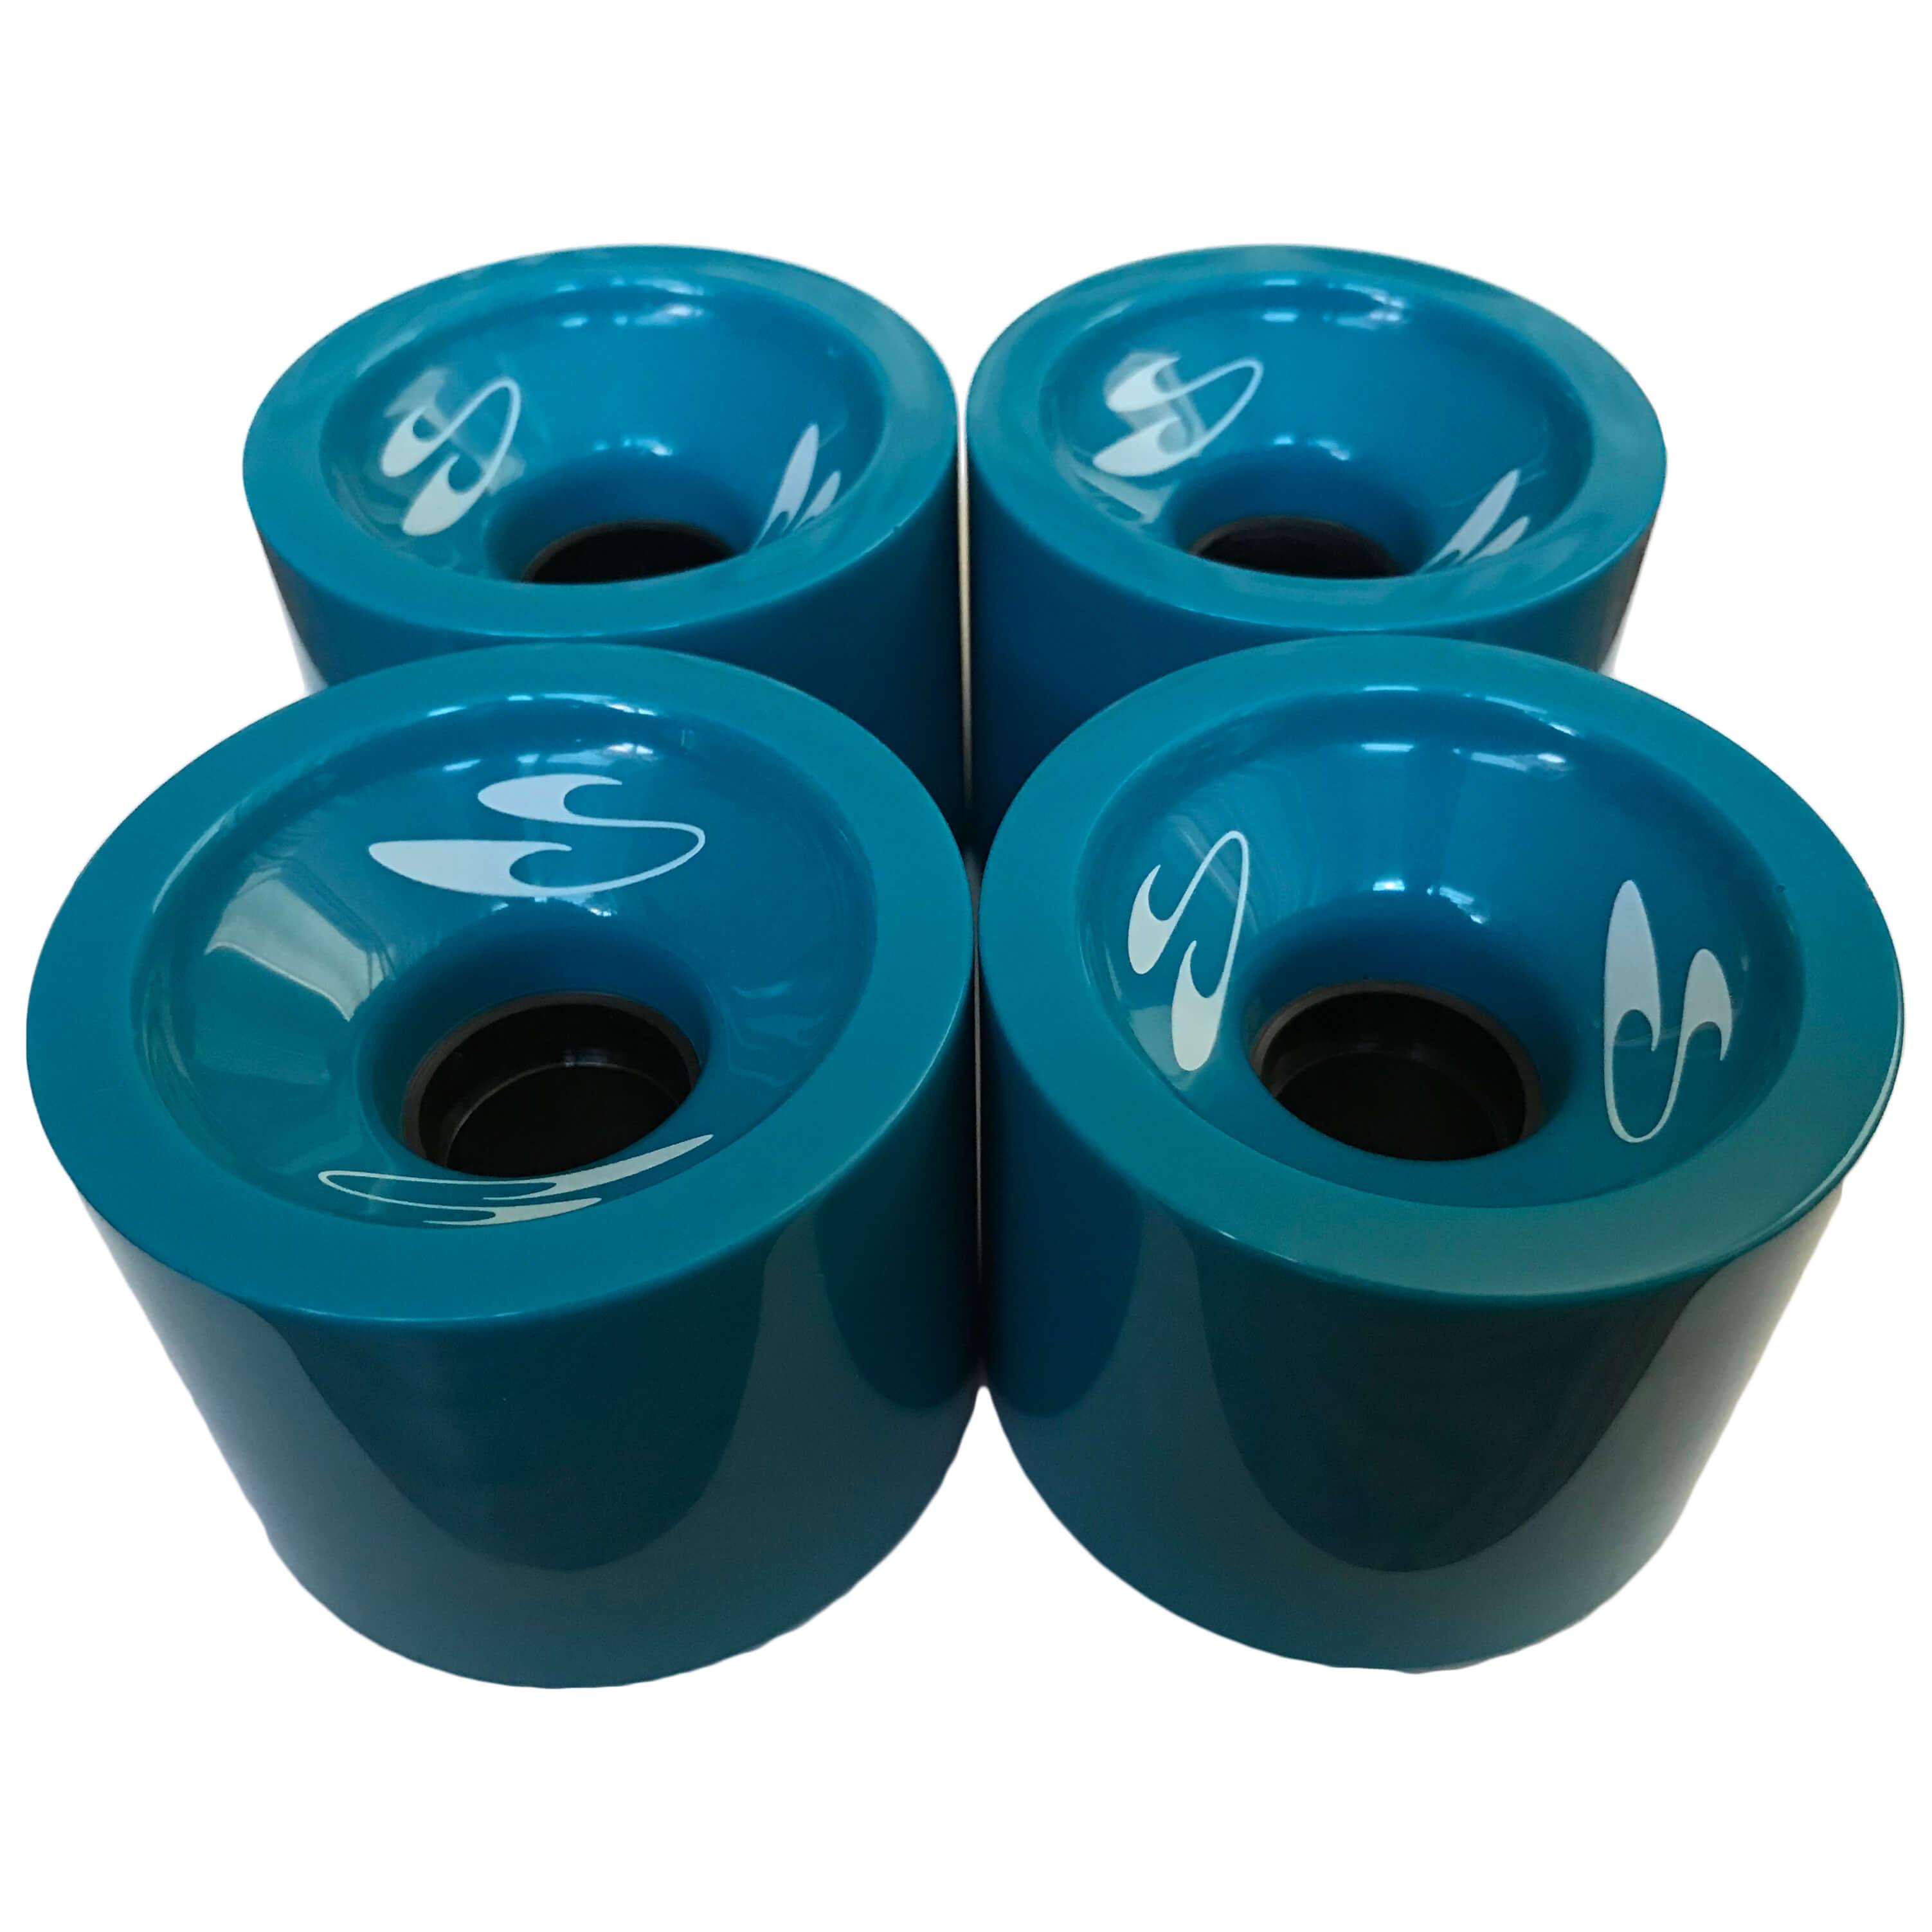 wheels-blue-4-swelltech-surfskate